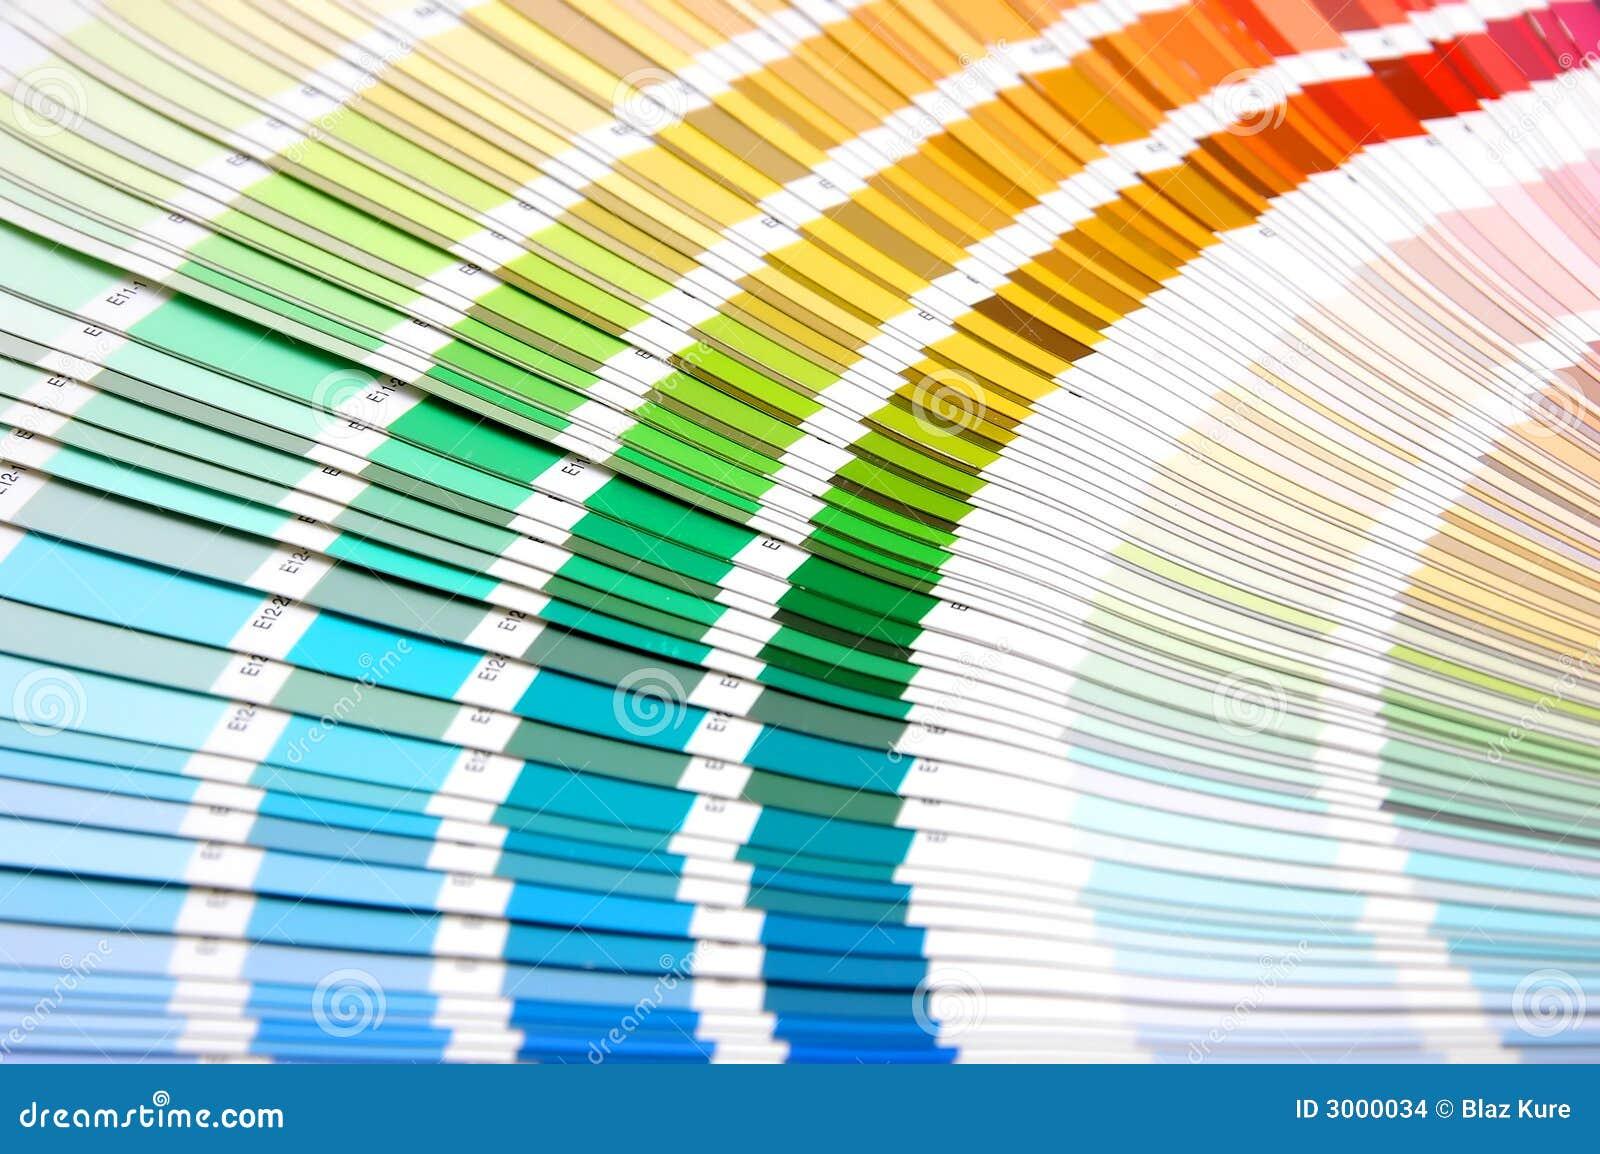 Scala di colore fotografia stock immagine di isolato - Scale di colore ...